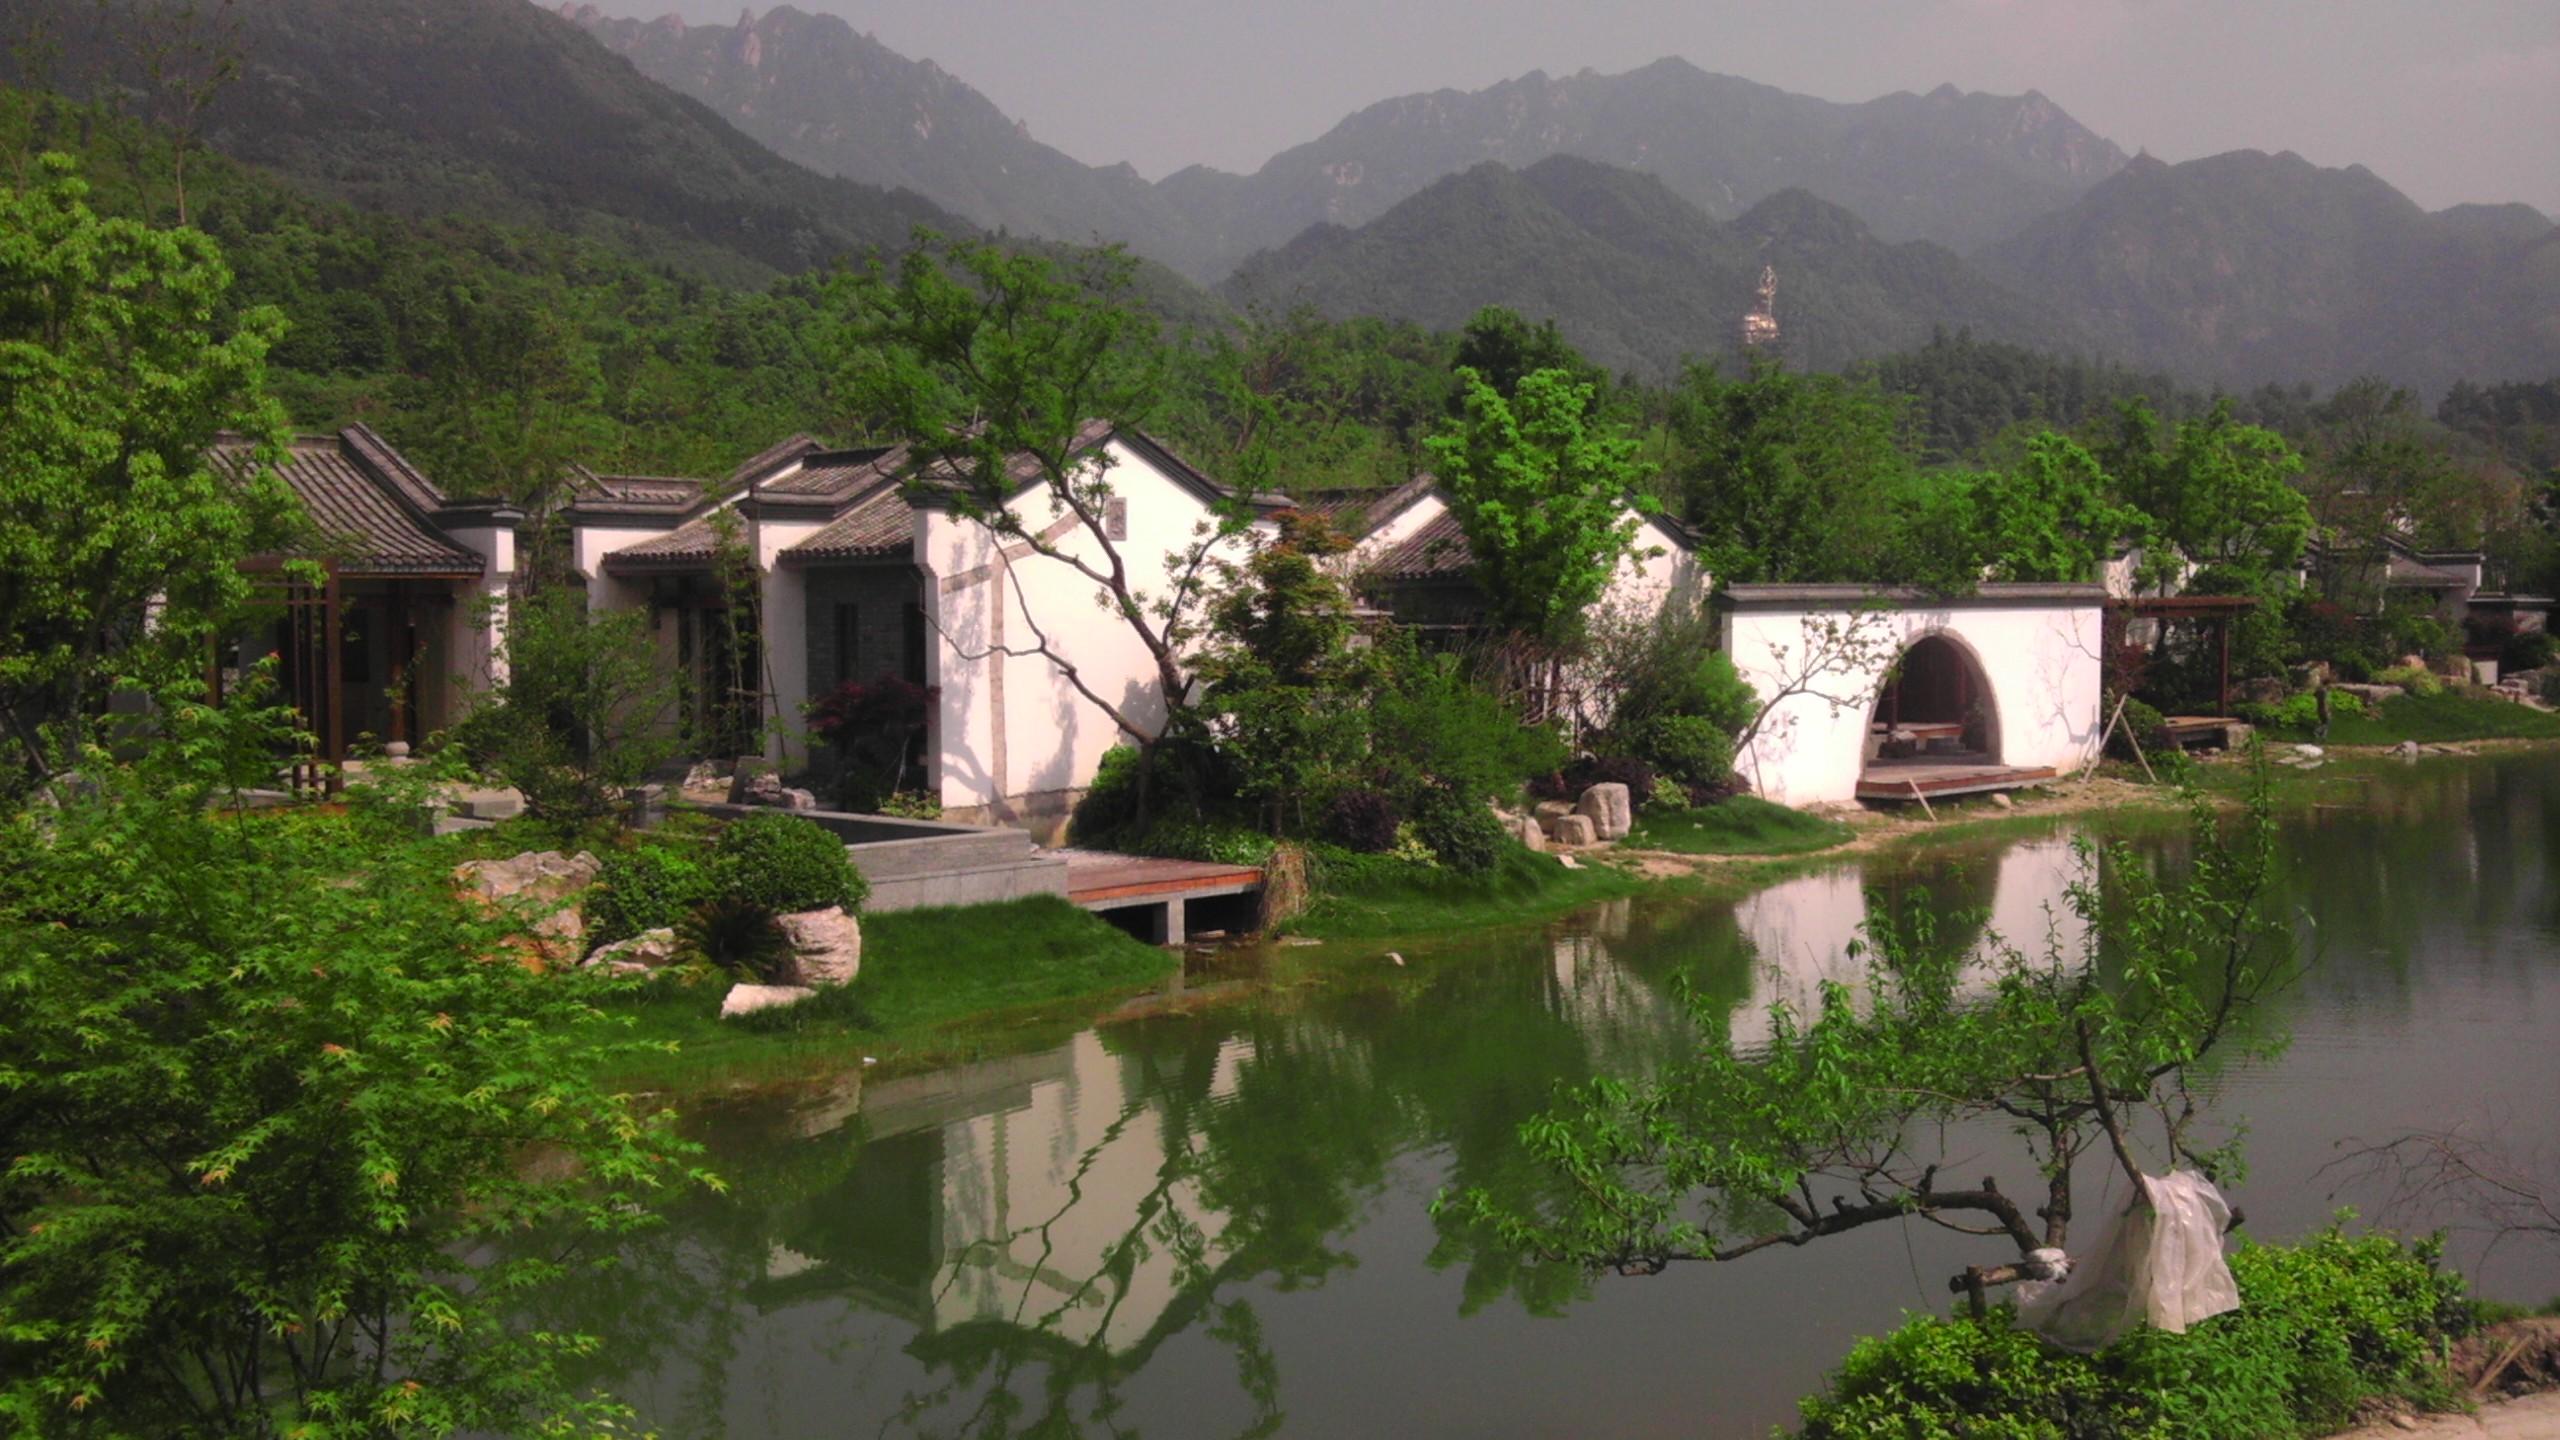 南京雨润九华山度假村